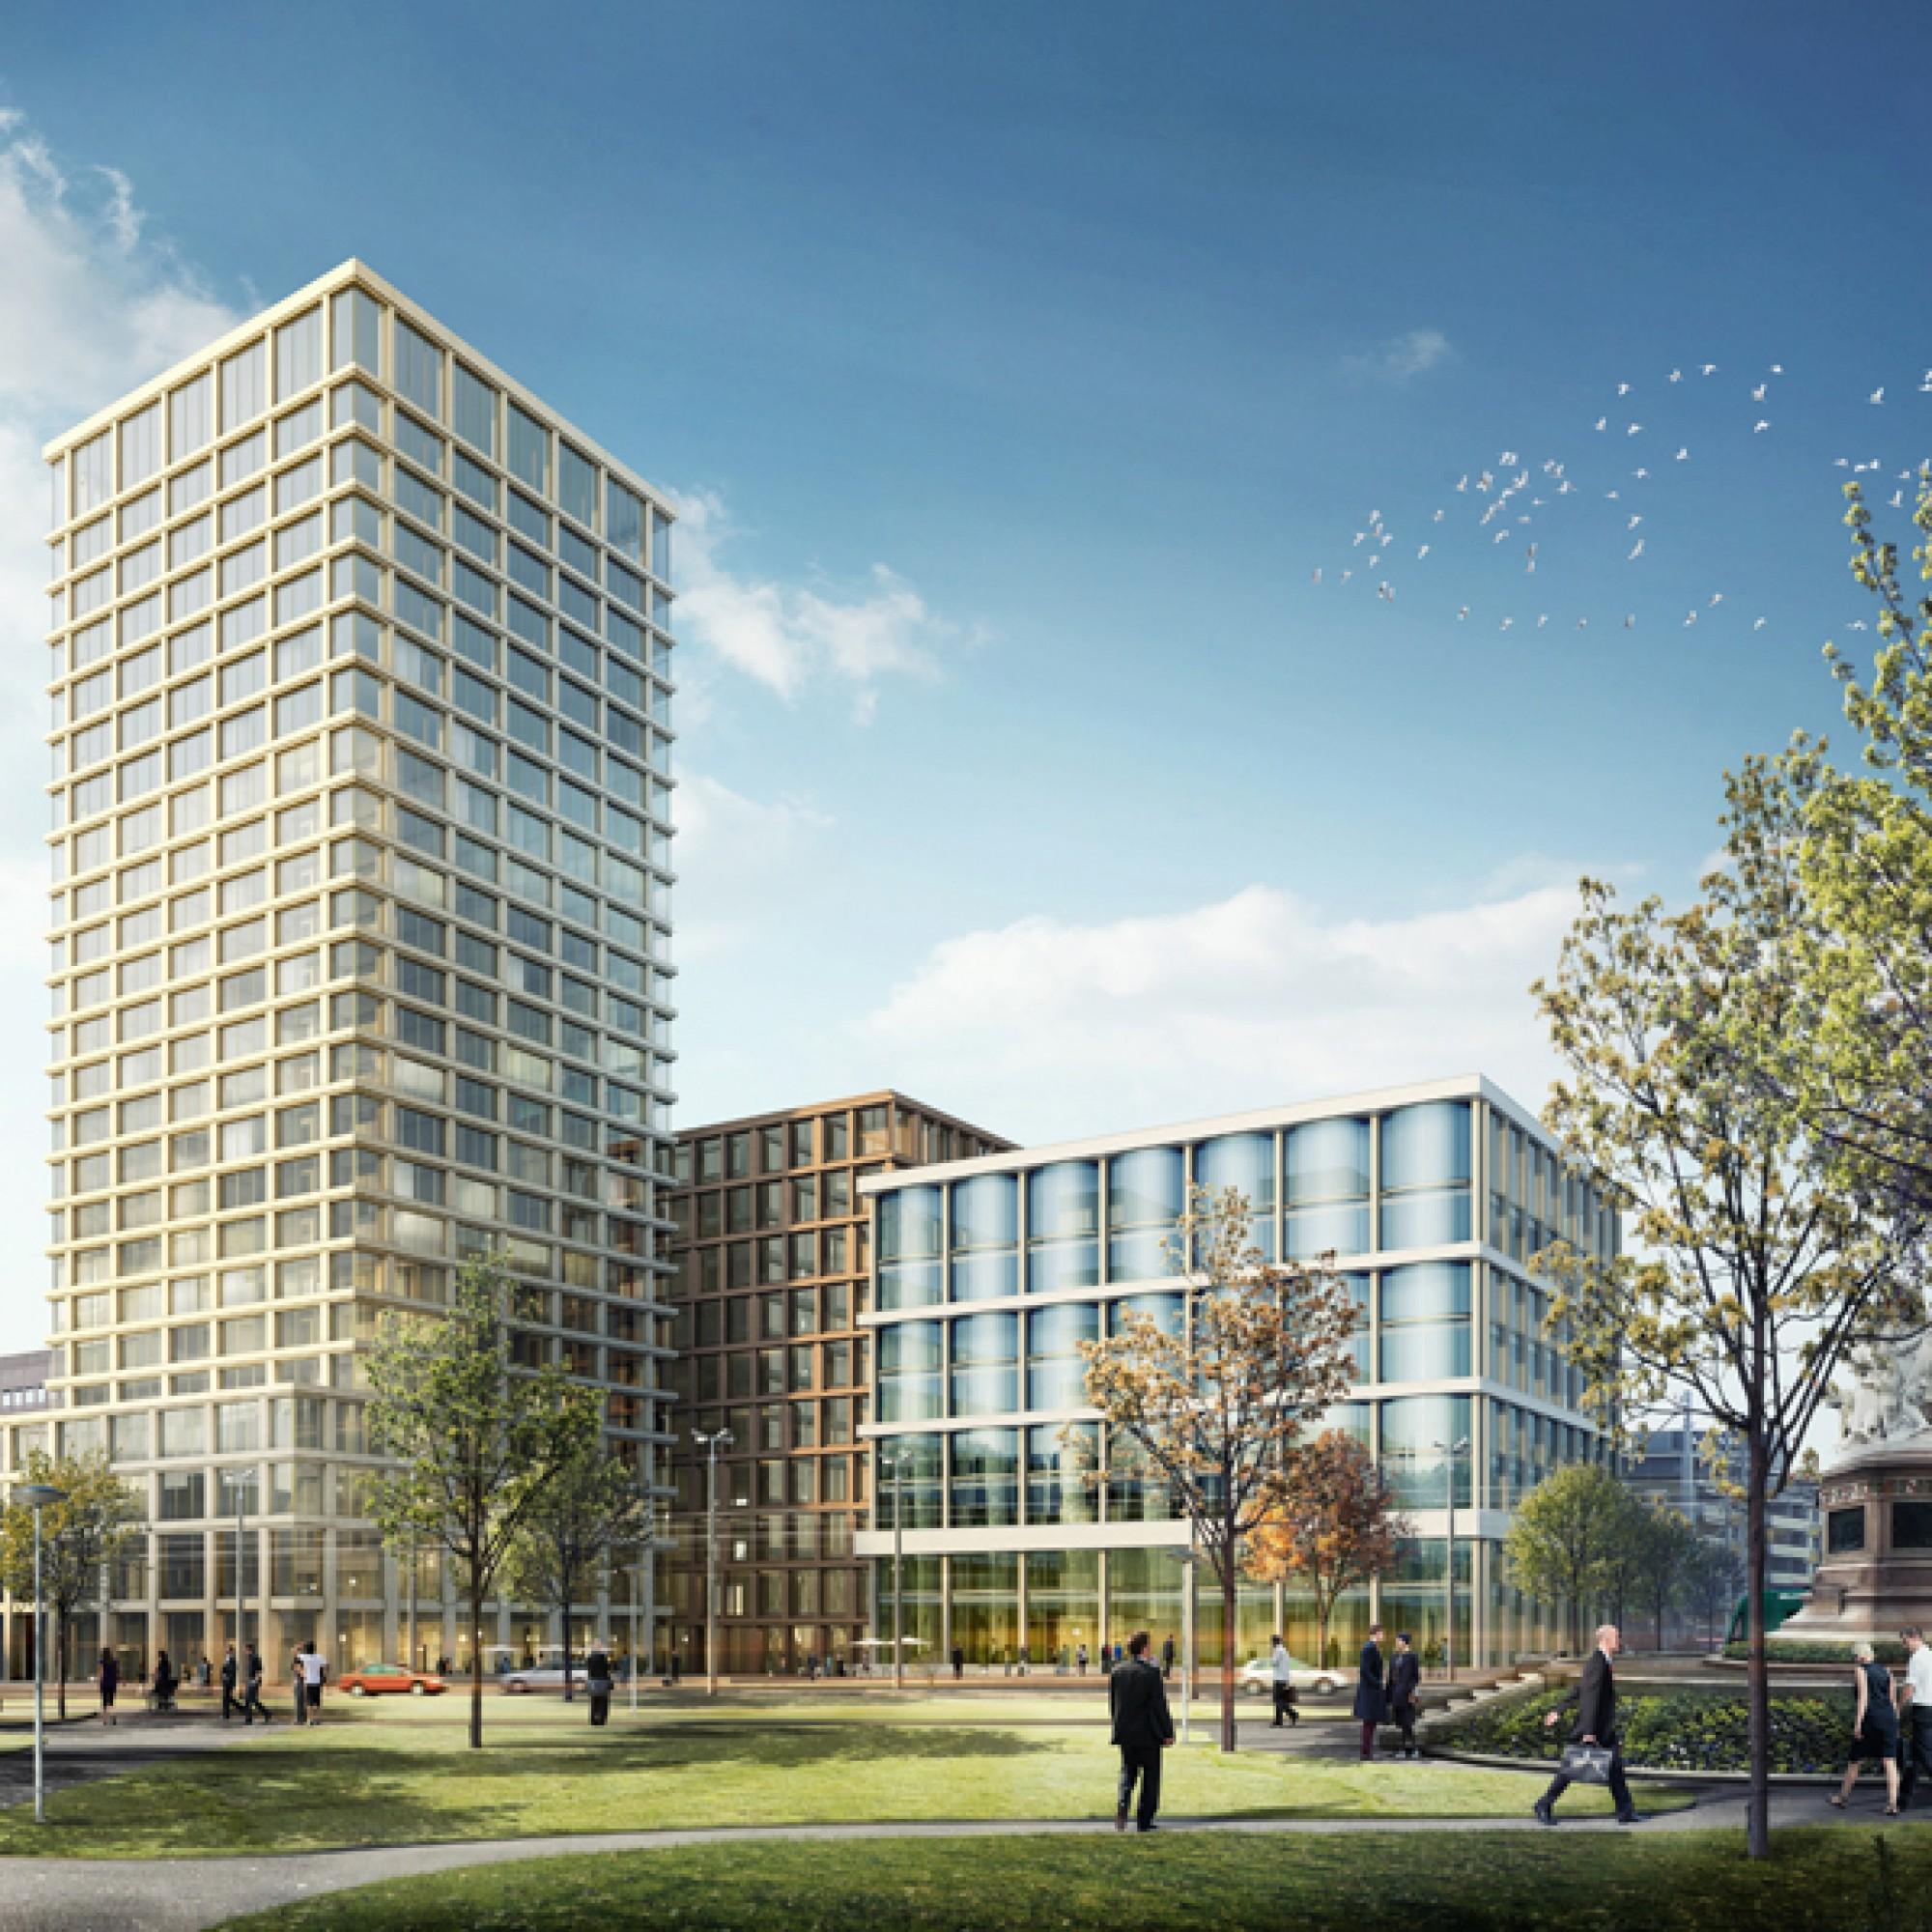 Ein Dreigestirn: Links der Turm von Miller & Maranta, in der Mitte das Bürogebäude von Valerio Olgiatti und rechts aussen der neuen Hauptsitz der Baloise aus der Feder von Diener & Diener. (zvg)